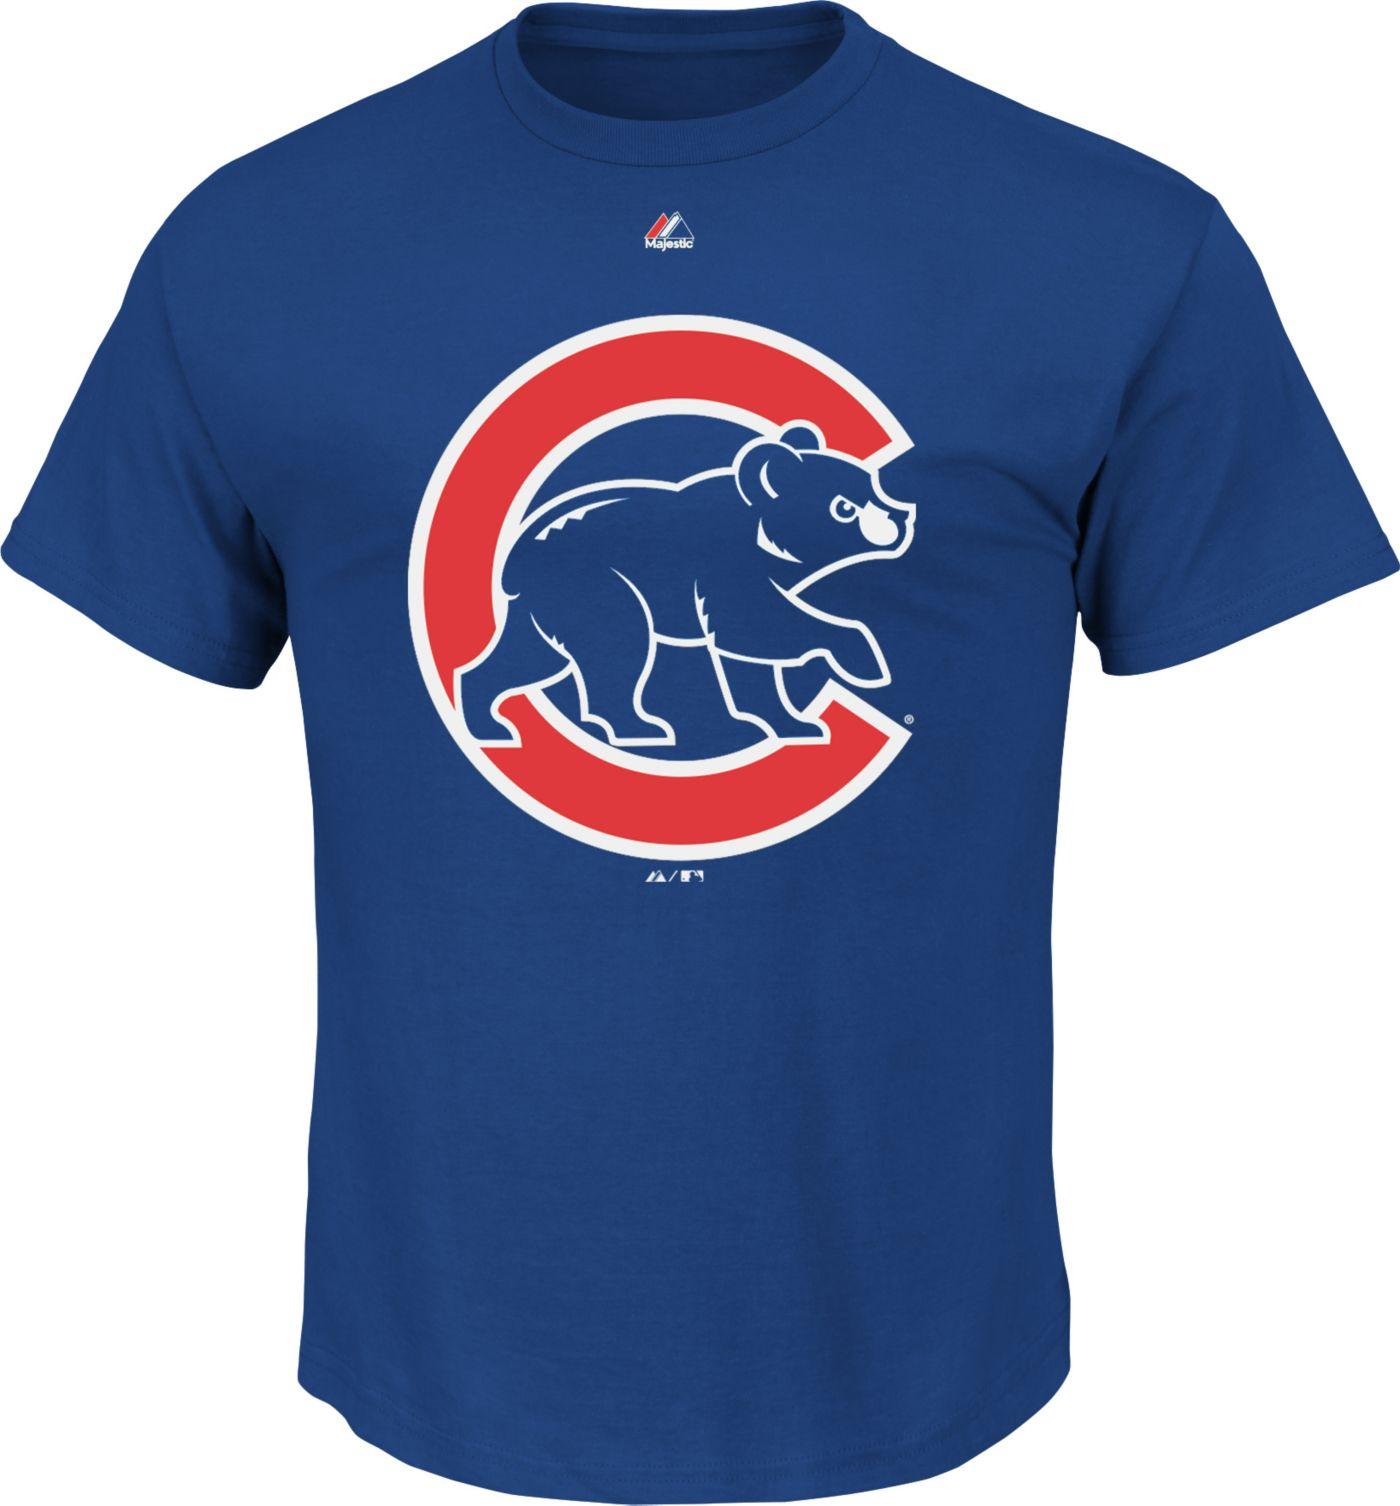 Majestic Men's Chicago Cubs T-Shirt